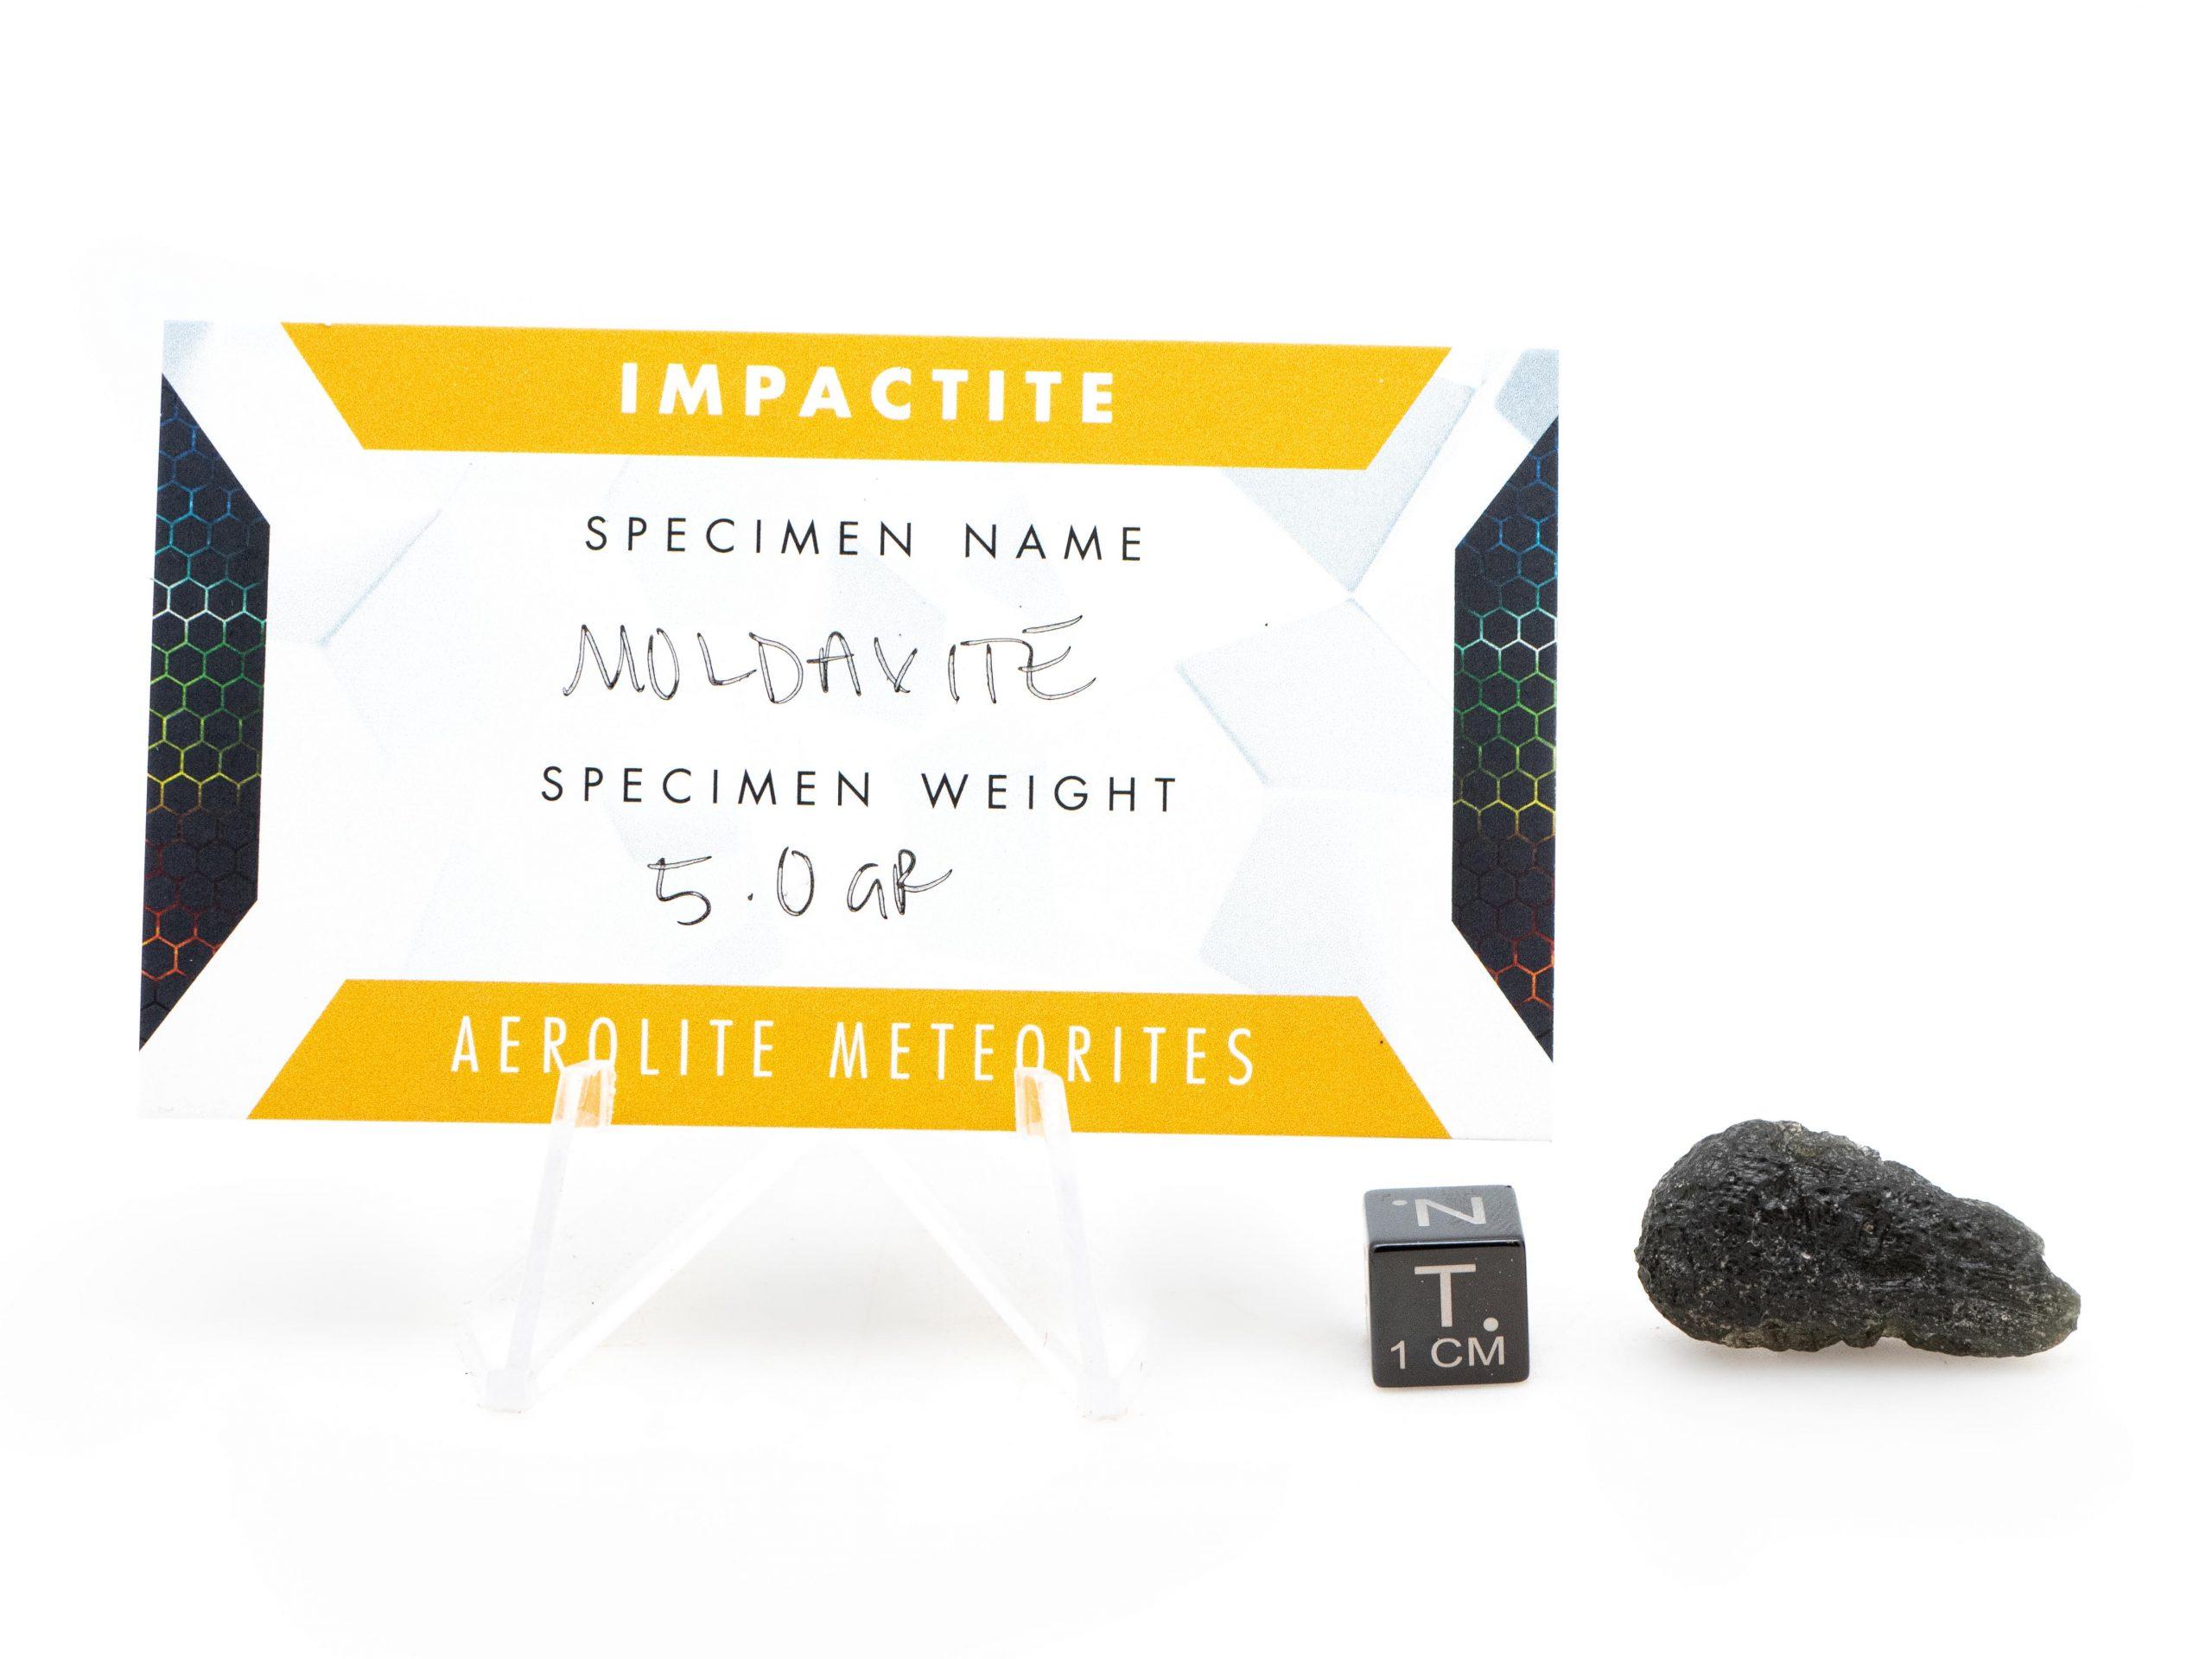 moldavite 5 0 2